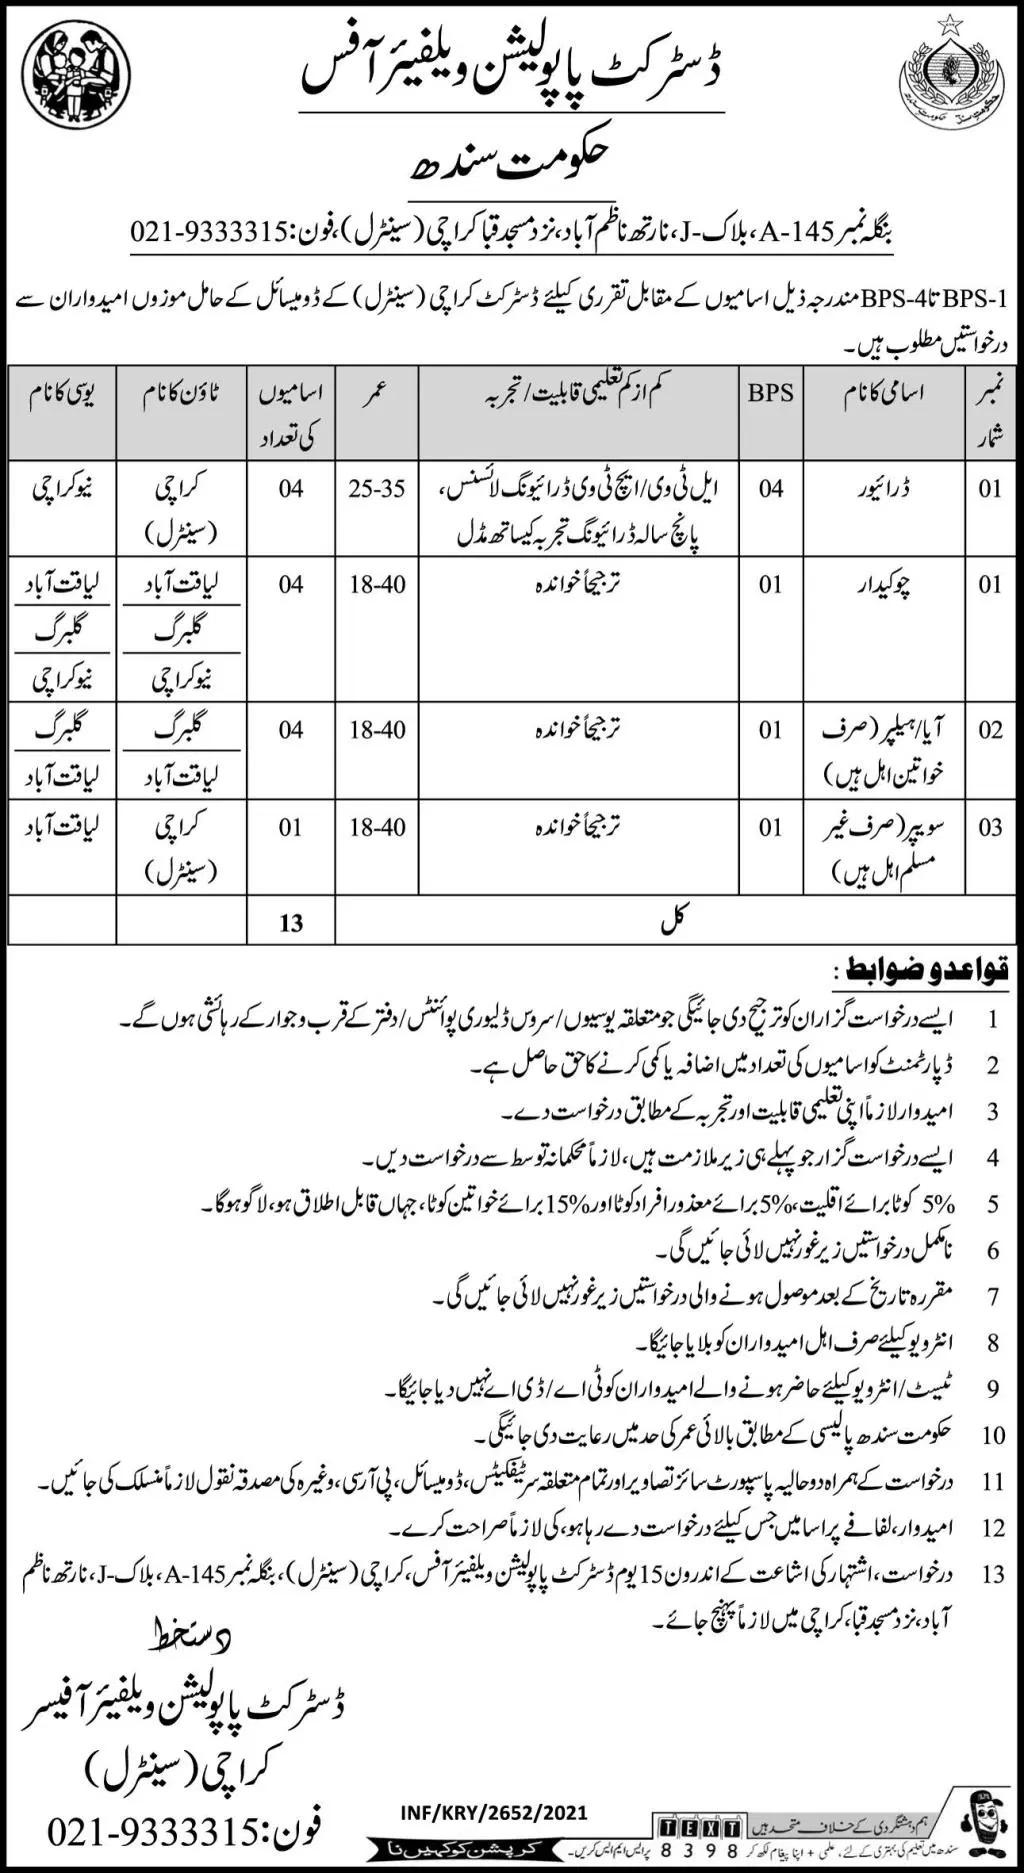 Population Welfare Department Sindh Jobs Today Express Newspaper Jobs